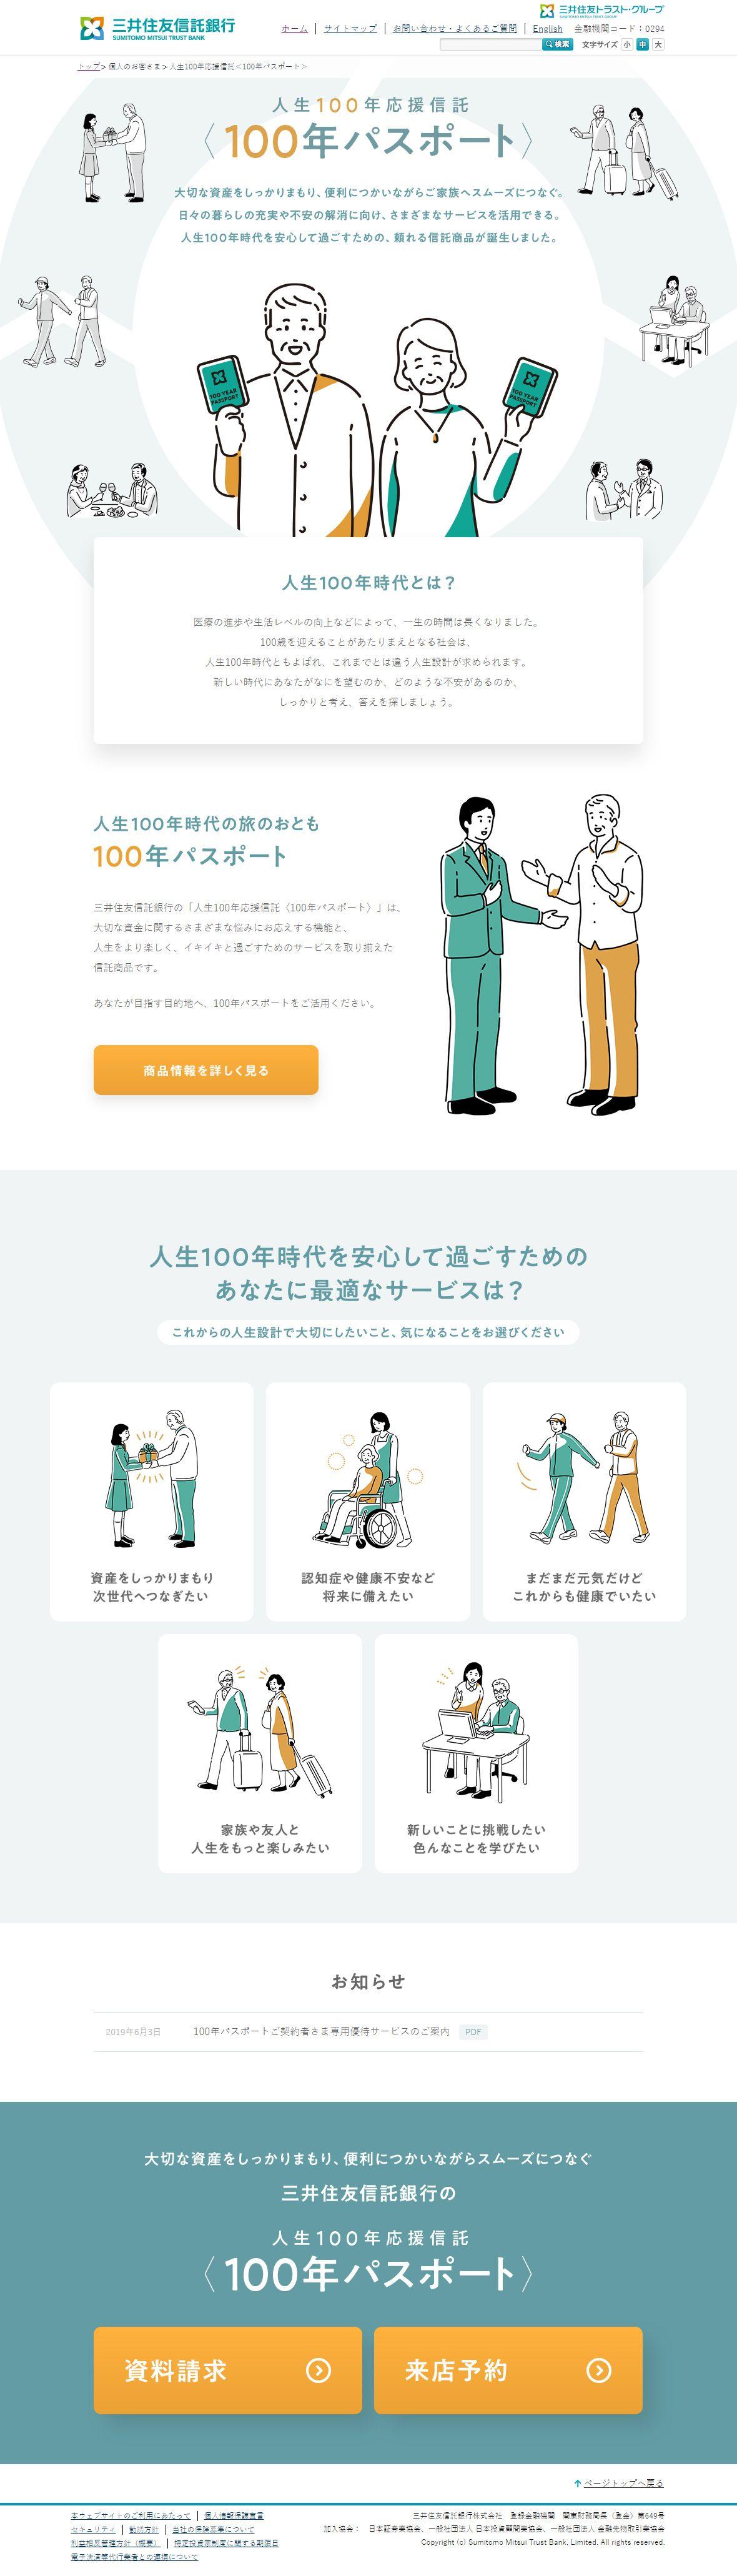 人生100年応援信託 100年パスポート Sankou Lp デザイン 医療デザイン パンフレット デザイン